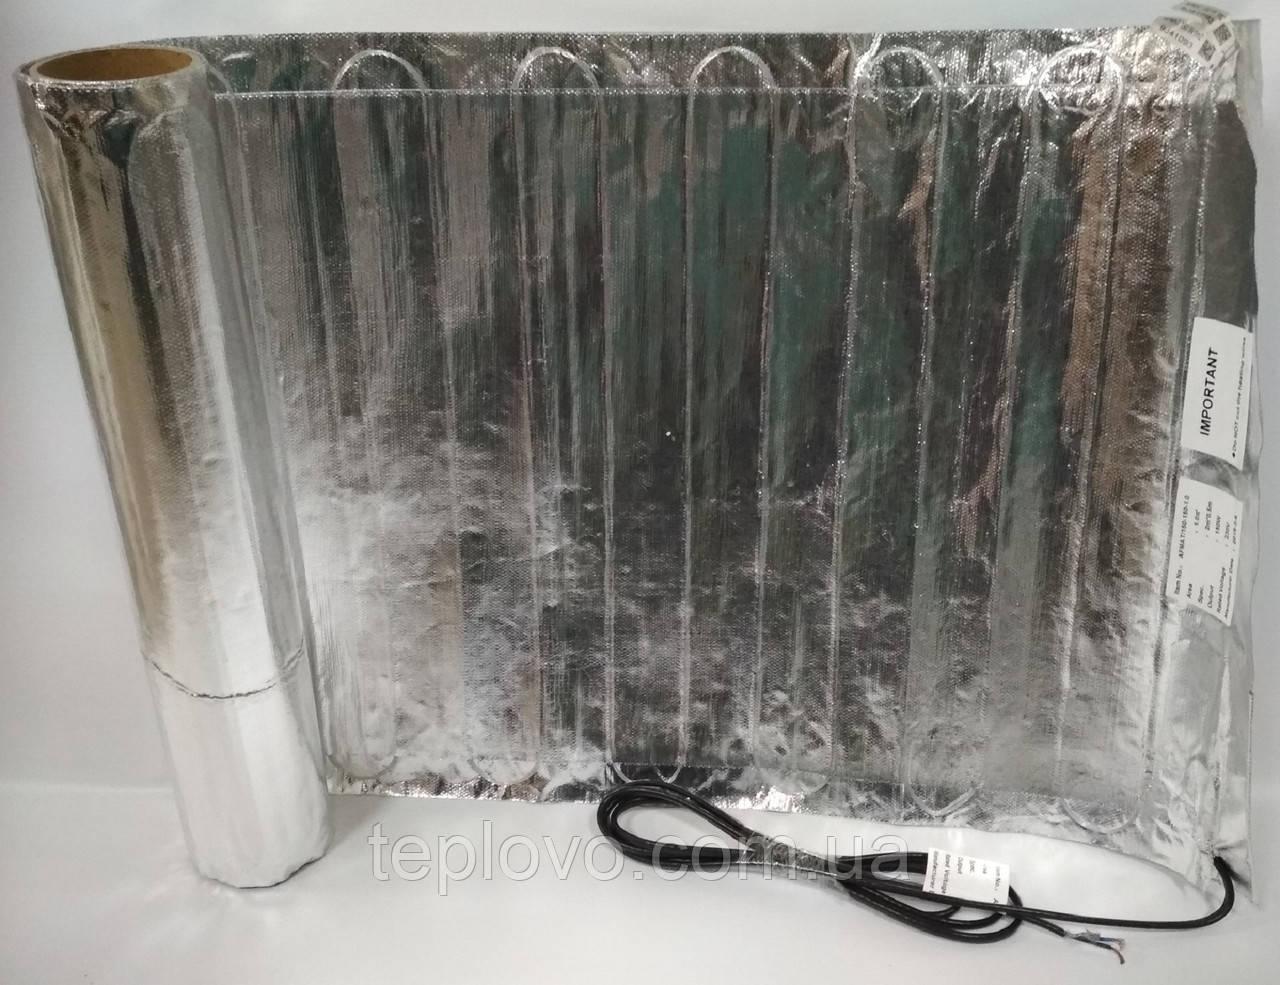 Алюминиевый мат IN-THERM AFMAT 3,5 м2 (525 Вт), теплый пол под ламинат